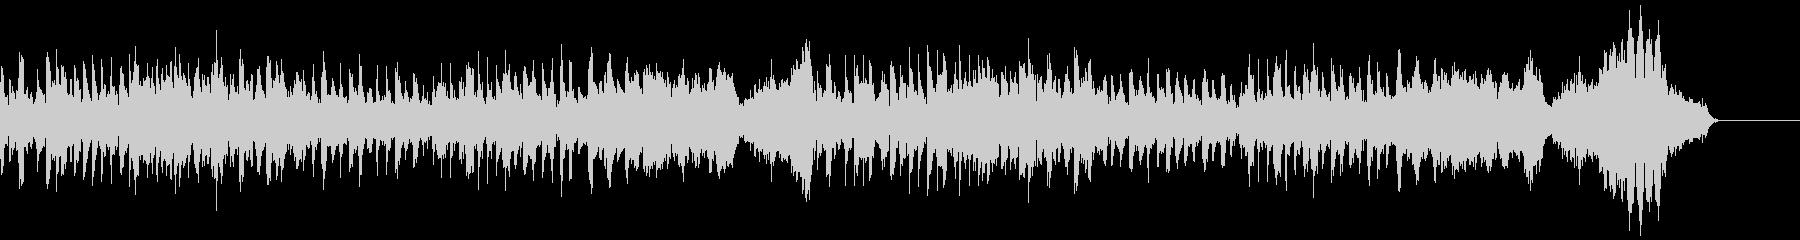 フルートと弦楽器のコミカルな曲の未再生の波形